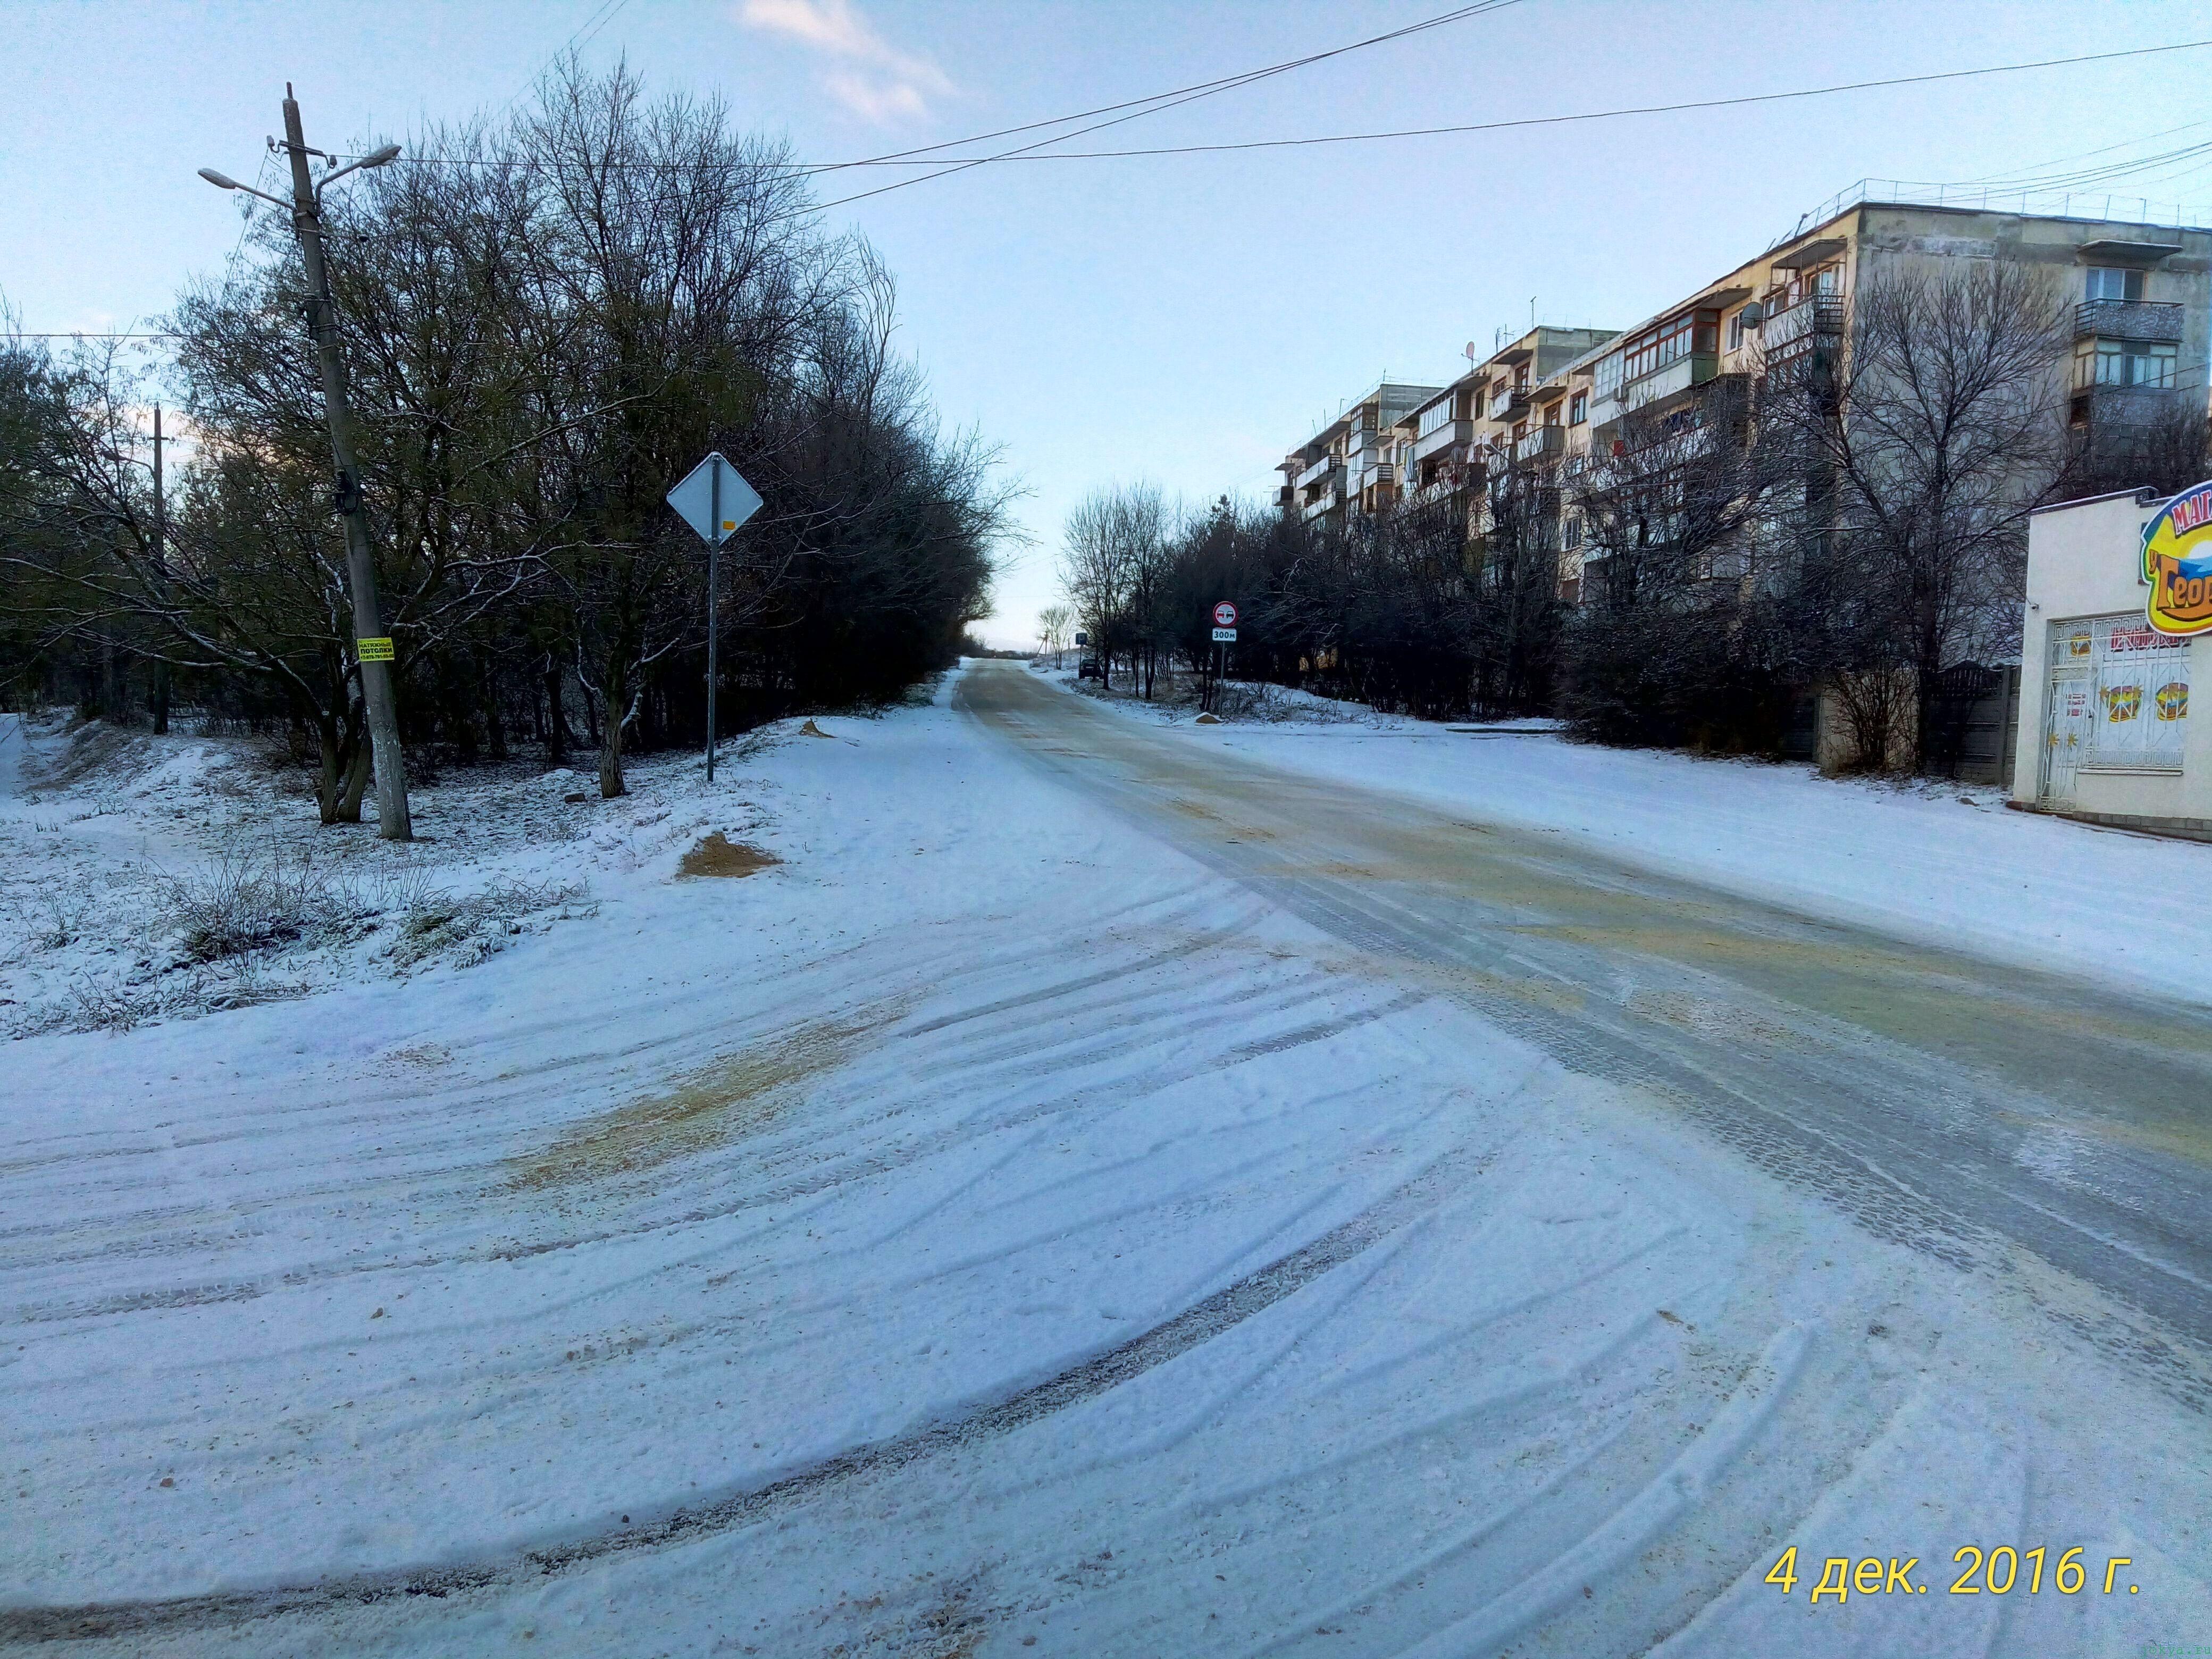 Морозное утро: в городе Белогорска в Крыму фото заметка о реальности в Крыму jokya.ru